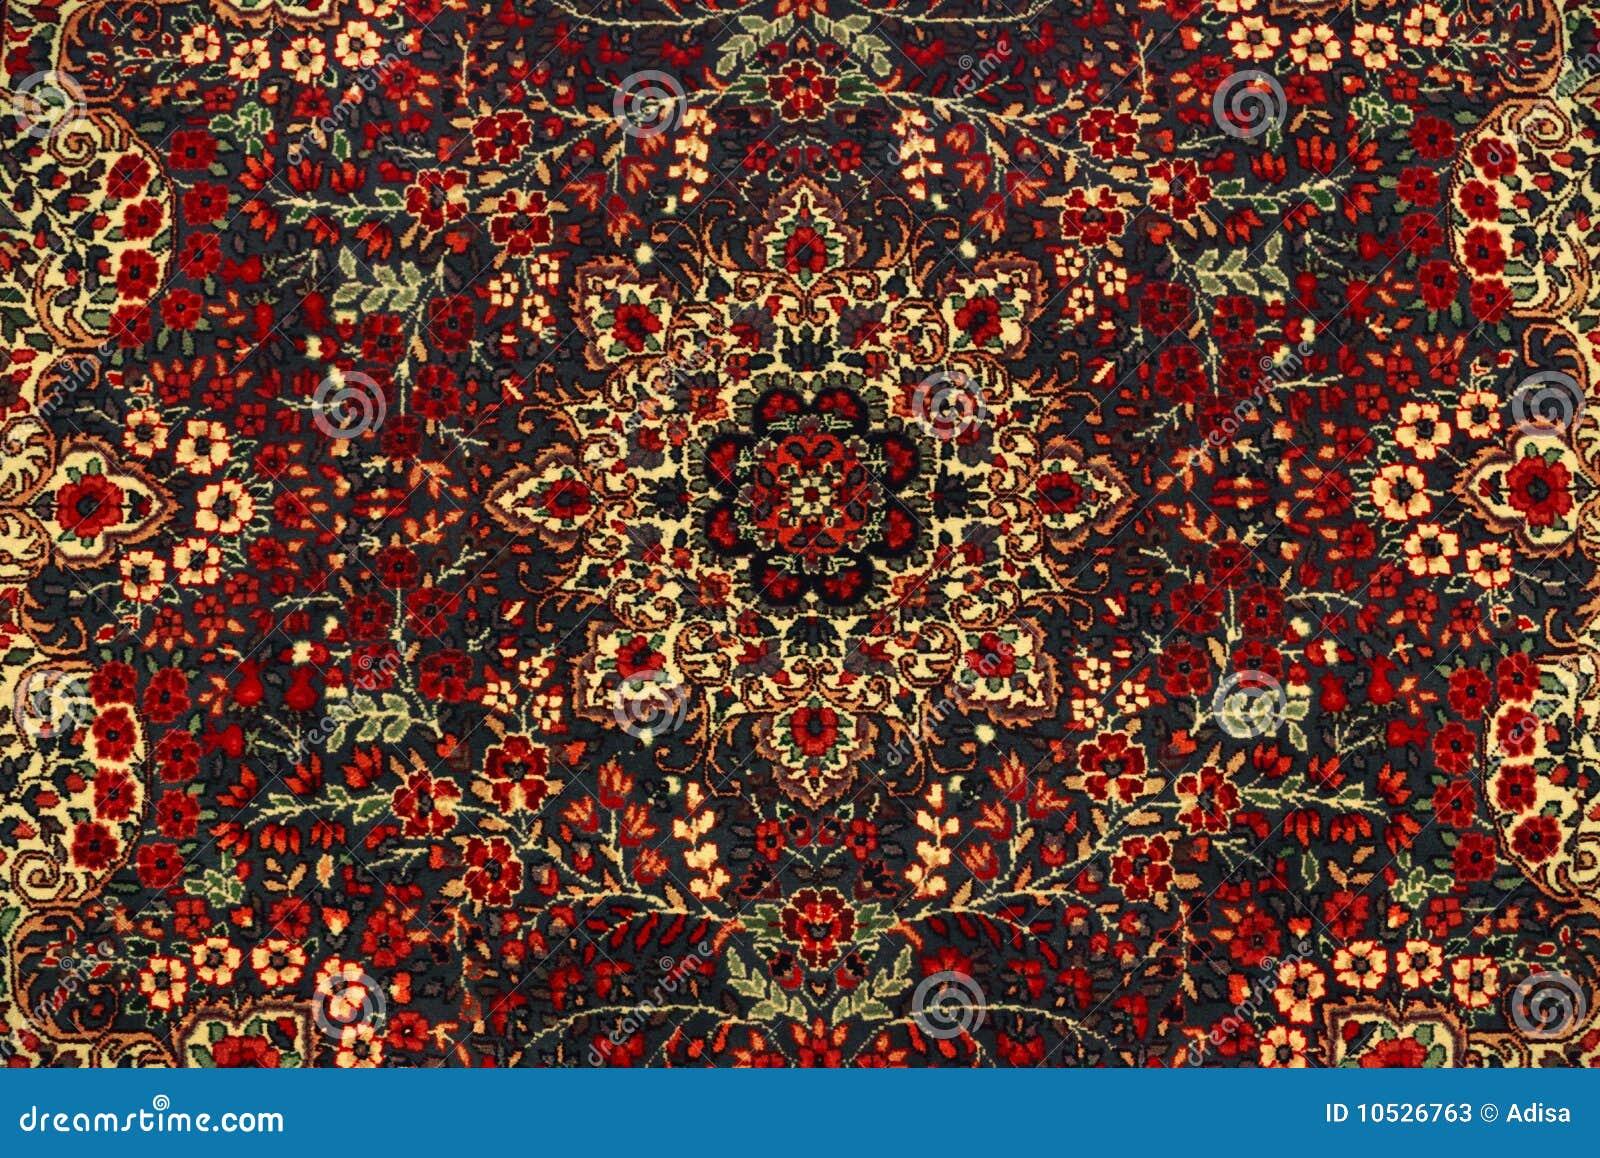 Orientalischer teppich  Orientalischer Teppich Stockfotos - Bild: 10526763